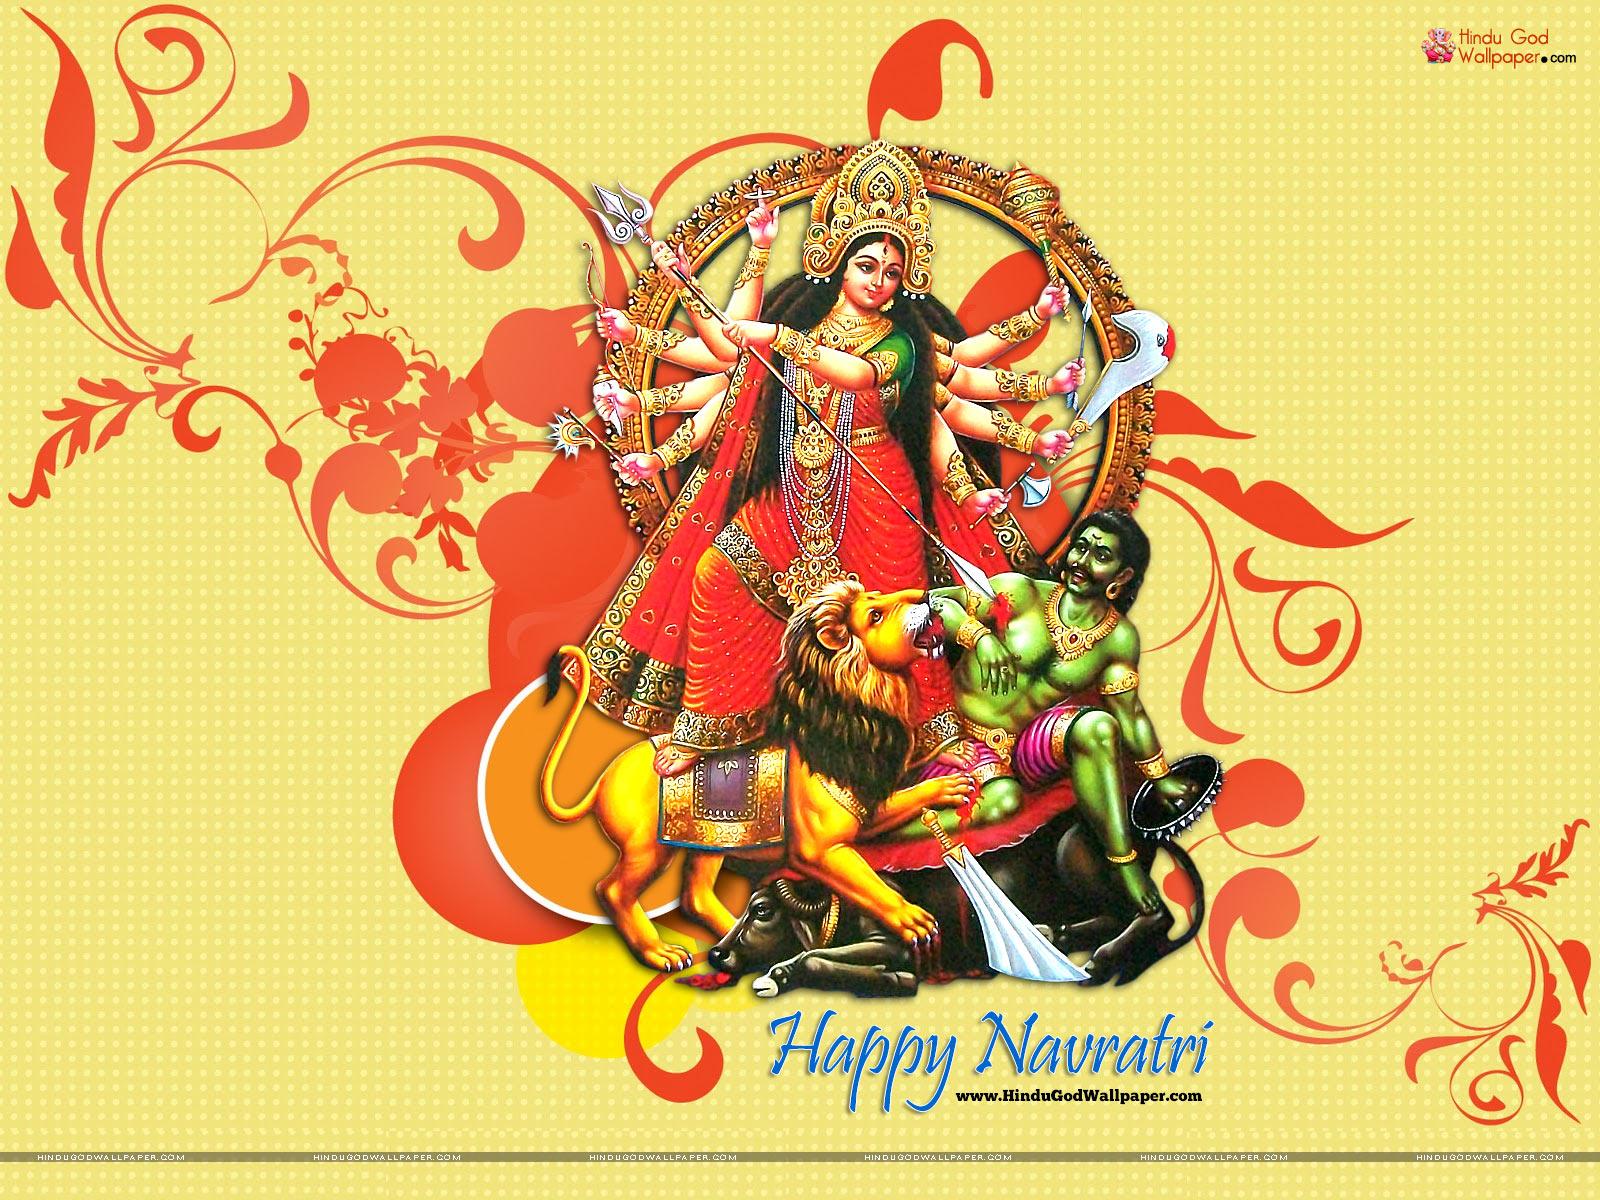 Navratri Greetings Wallpaper Free Download